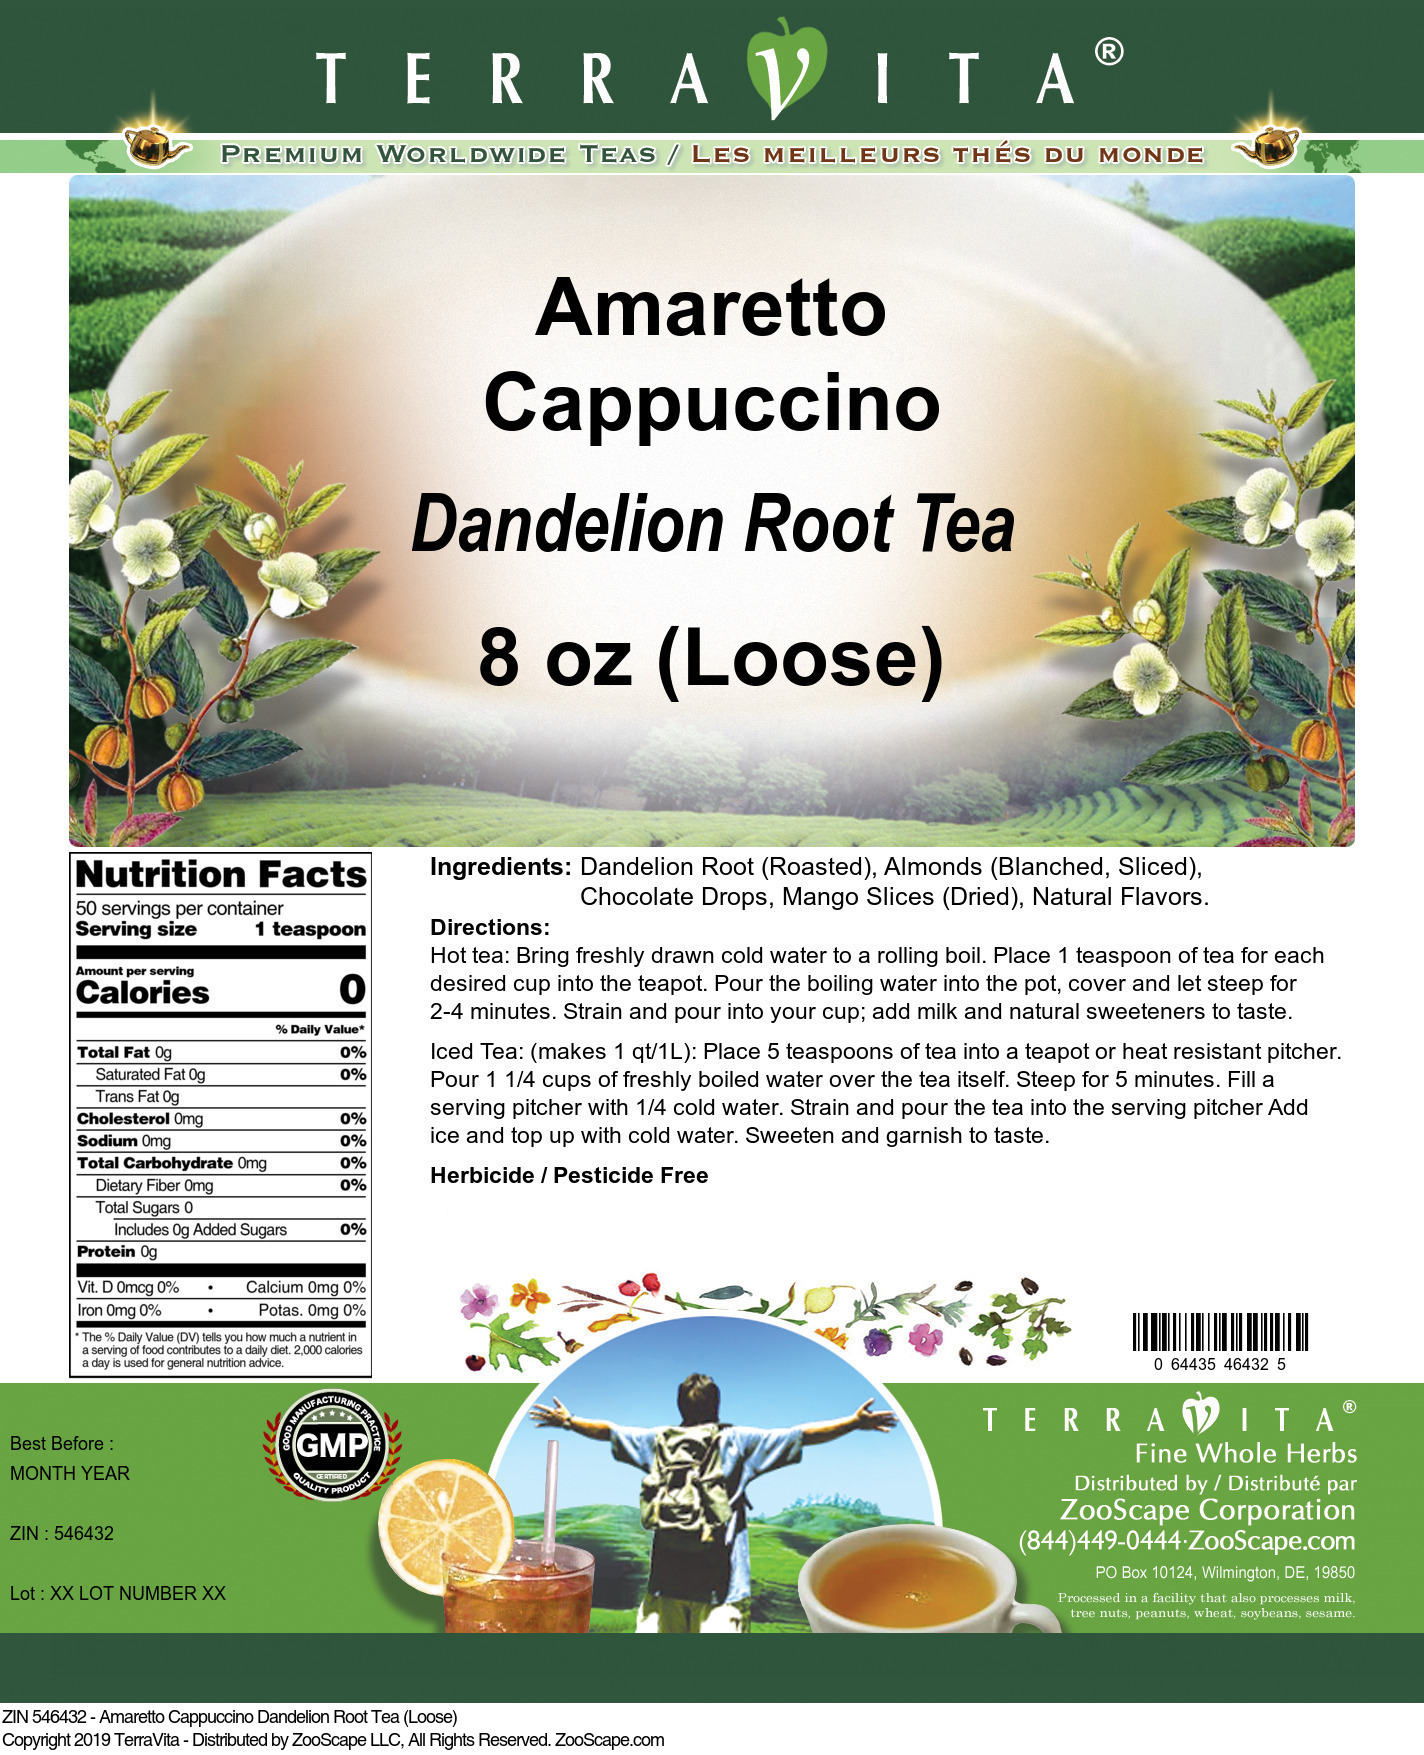 Amaretto Cappuccino Dandelion Root